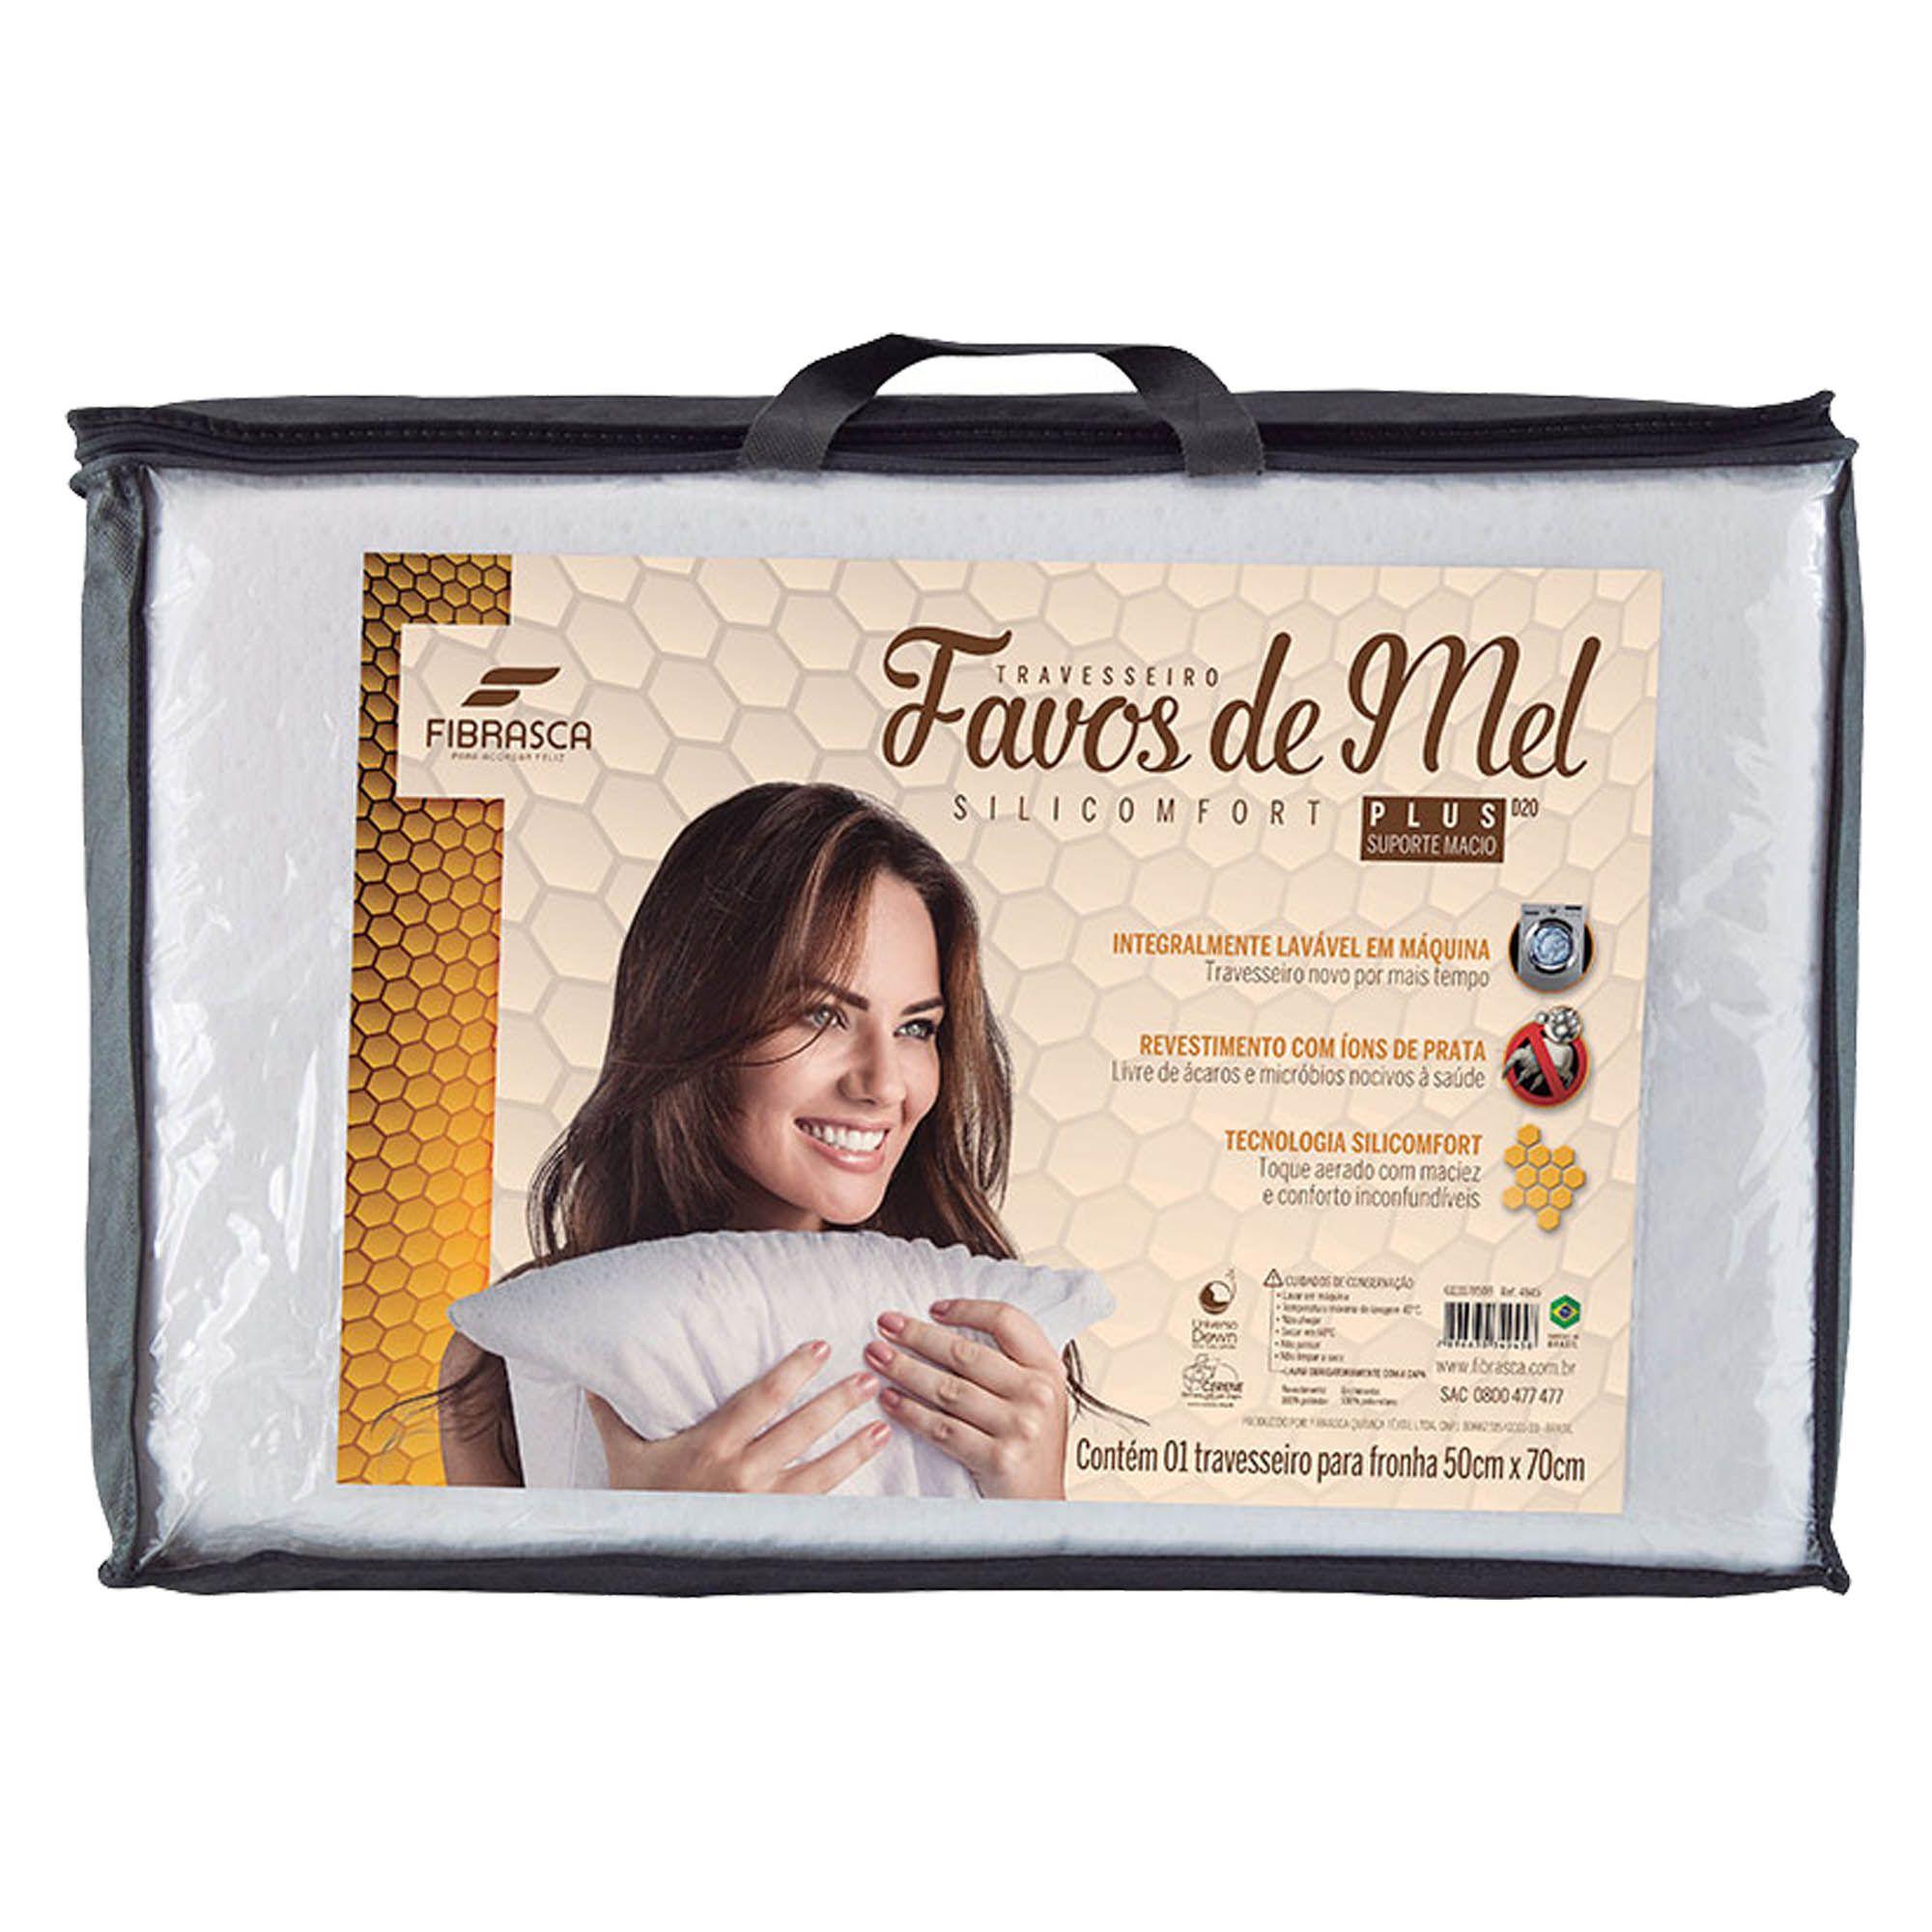 Travesseiro Fibrasca Favos de Mel Plus, Macio, 050 x 070 cm